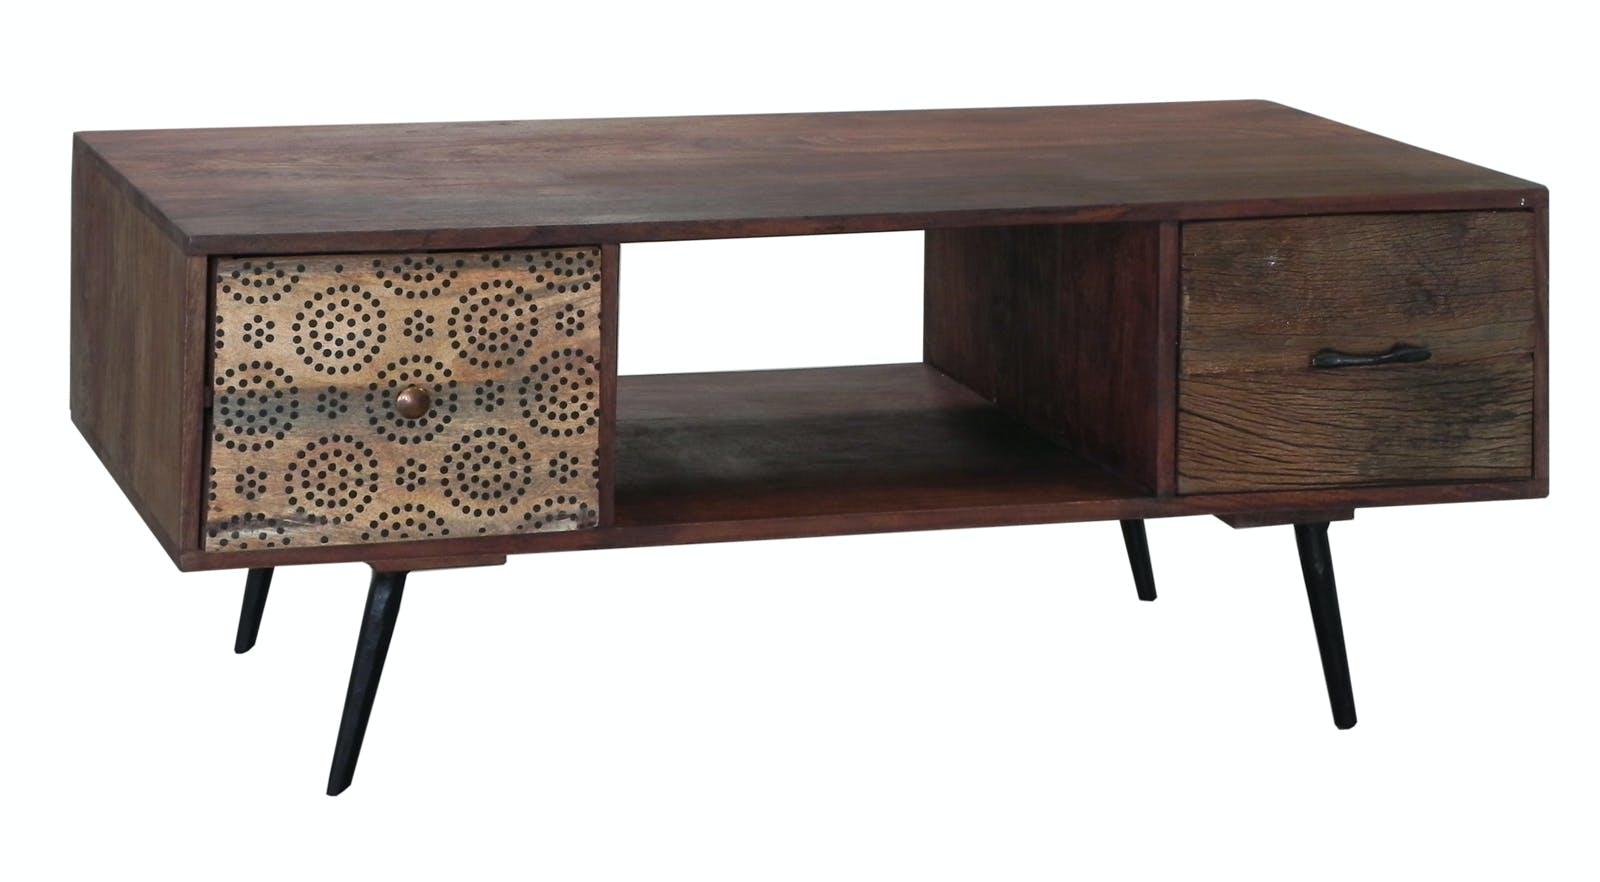 Meuble TV / Table basse 2 tiroirs Patchwork et 1 niche en bois exotique 110x55x45cm PATCHOULI